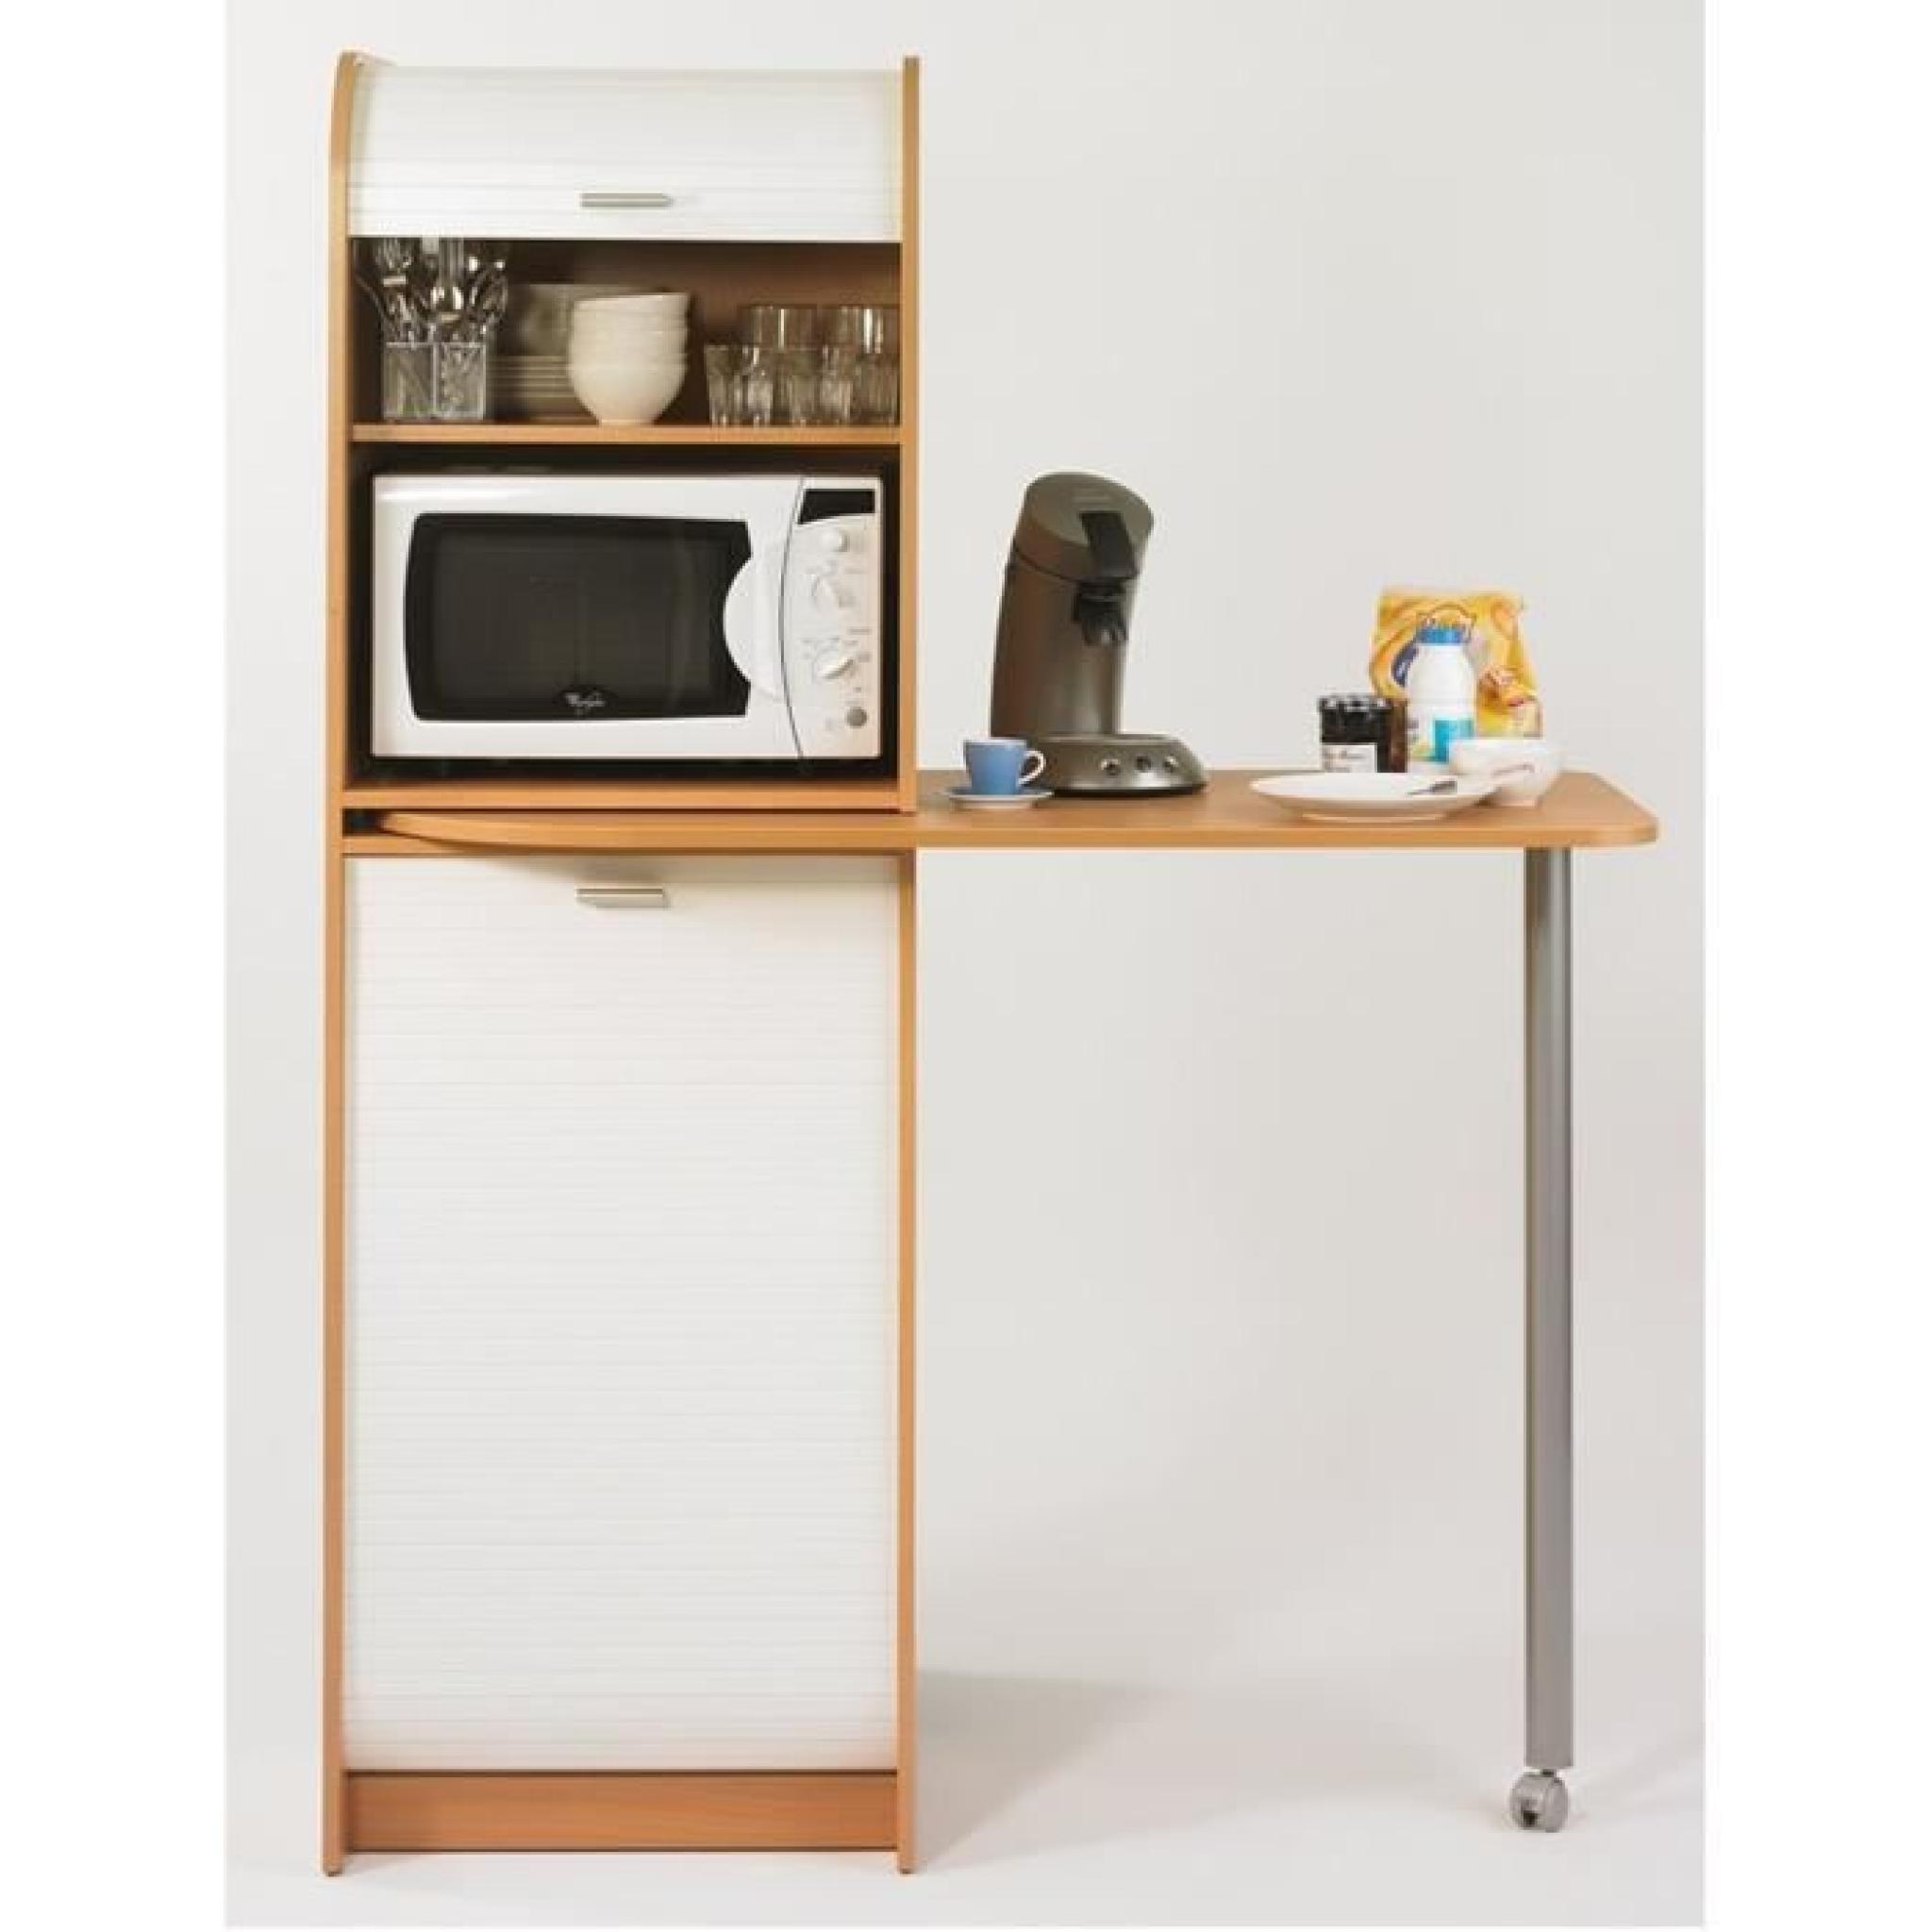 Snack meuble de rangement et table de cuisine 131 1 cm for Meuble rangement cuisine pas cher